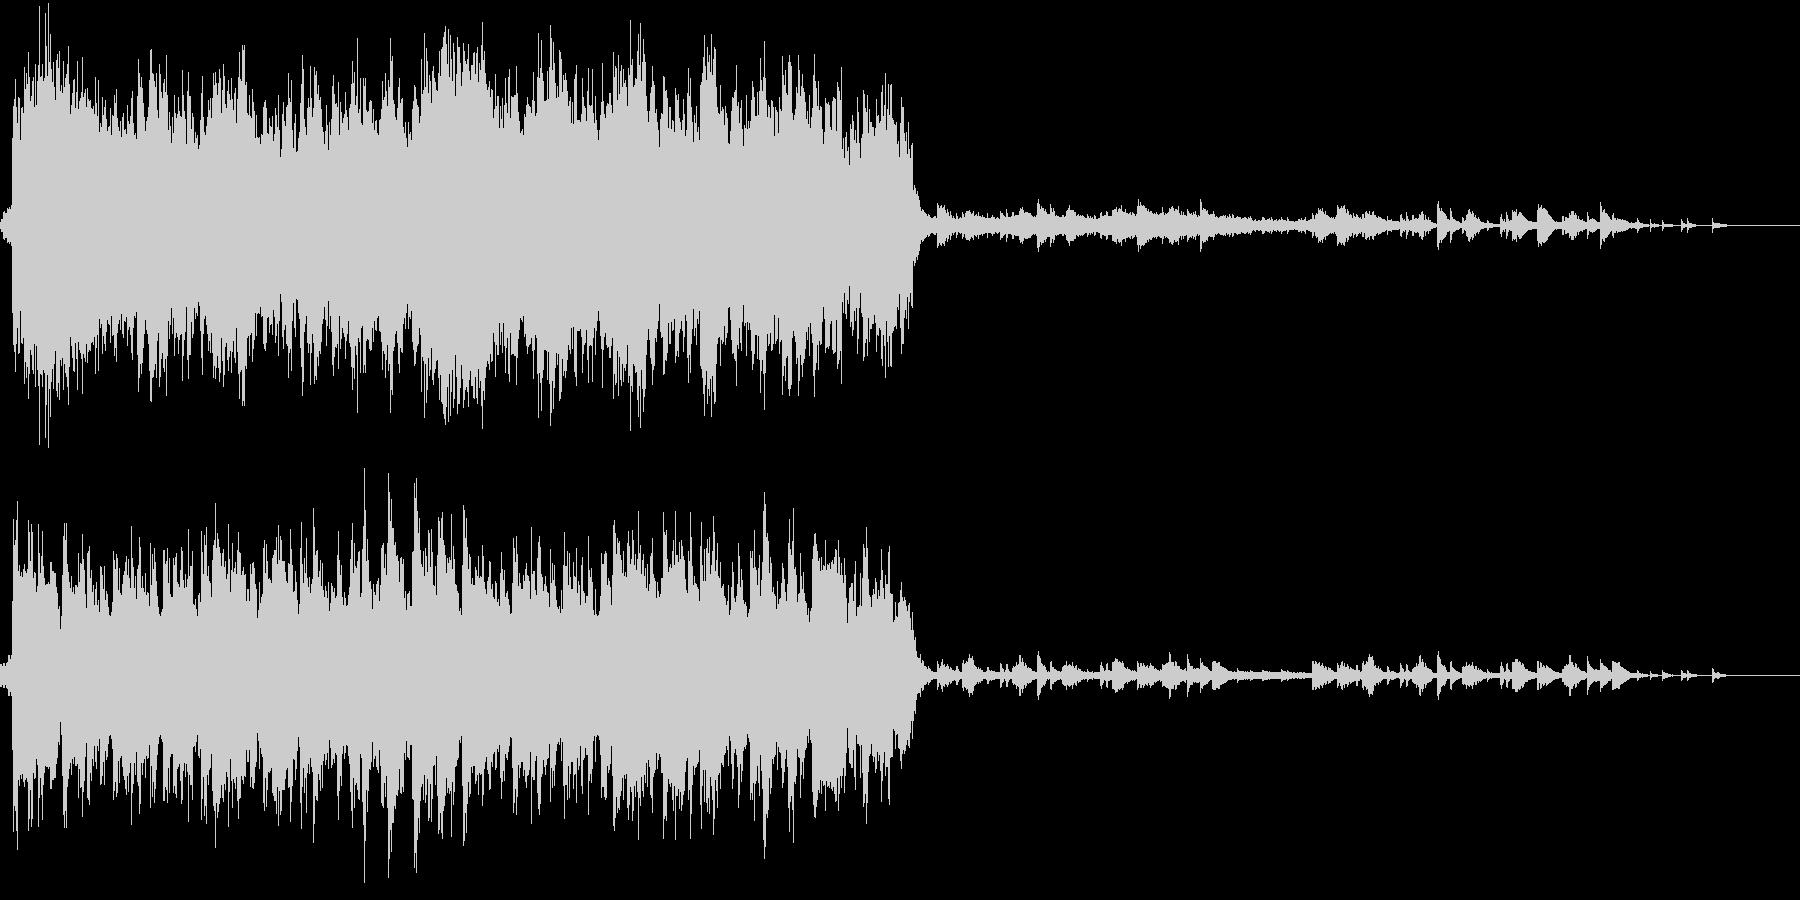 感動的な雰囲気のオーケストラBGMの未再生の波形